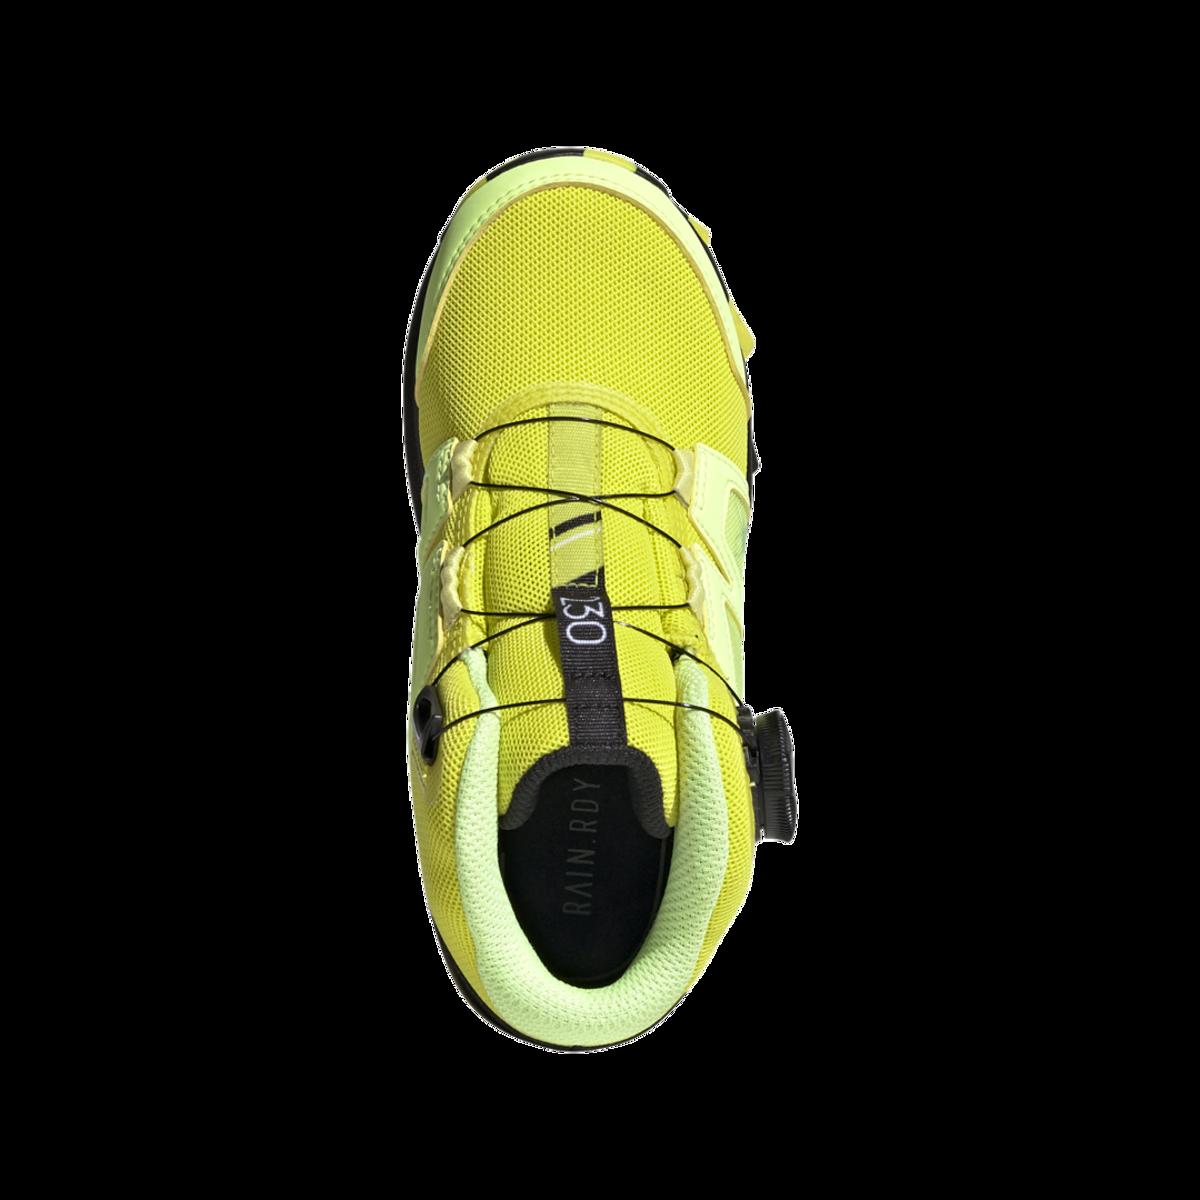 Bilde av Adidas  Terrex Boa Mid R.Rdy K FX4091